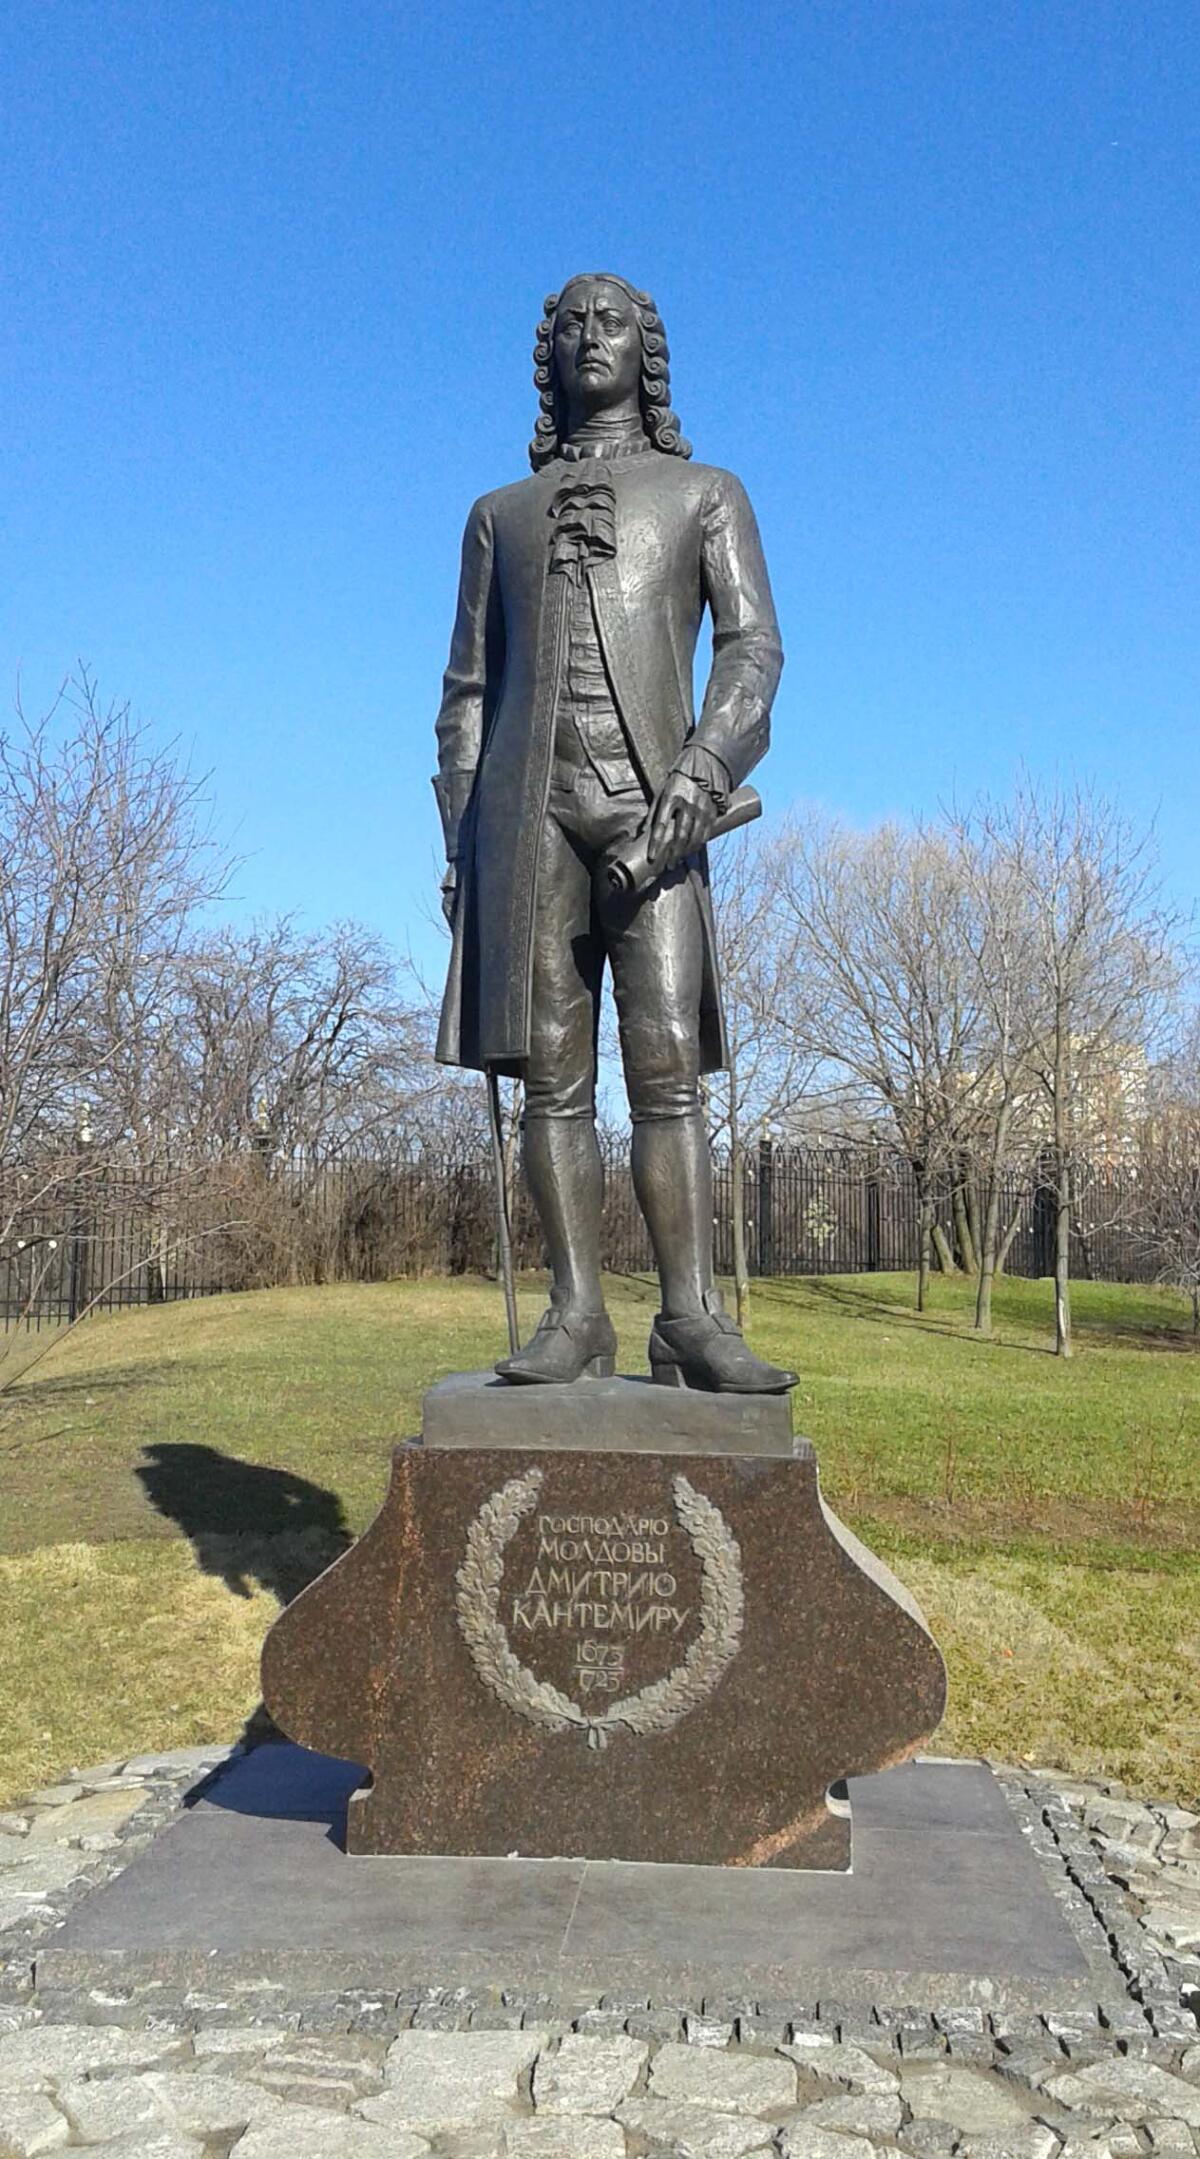 Памятник Дмитрию Кантемиру в Царицыно